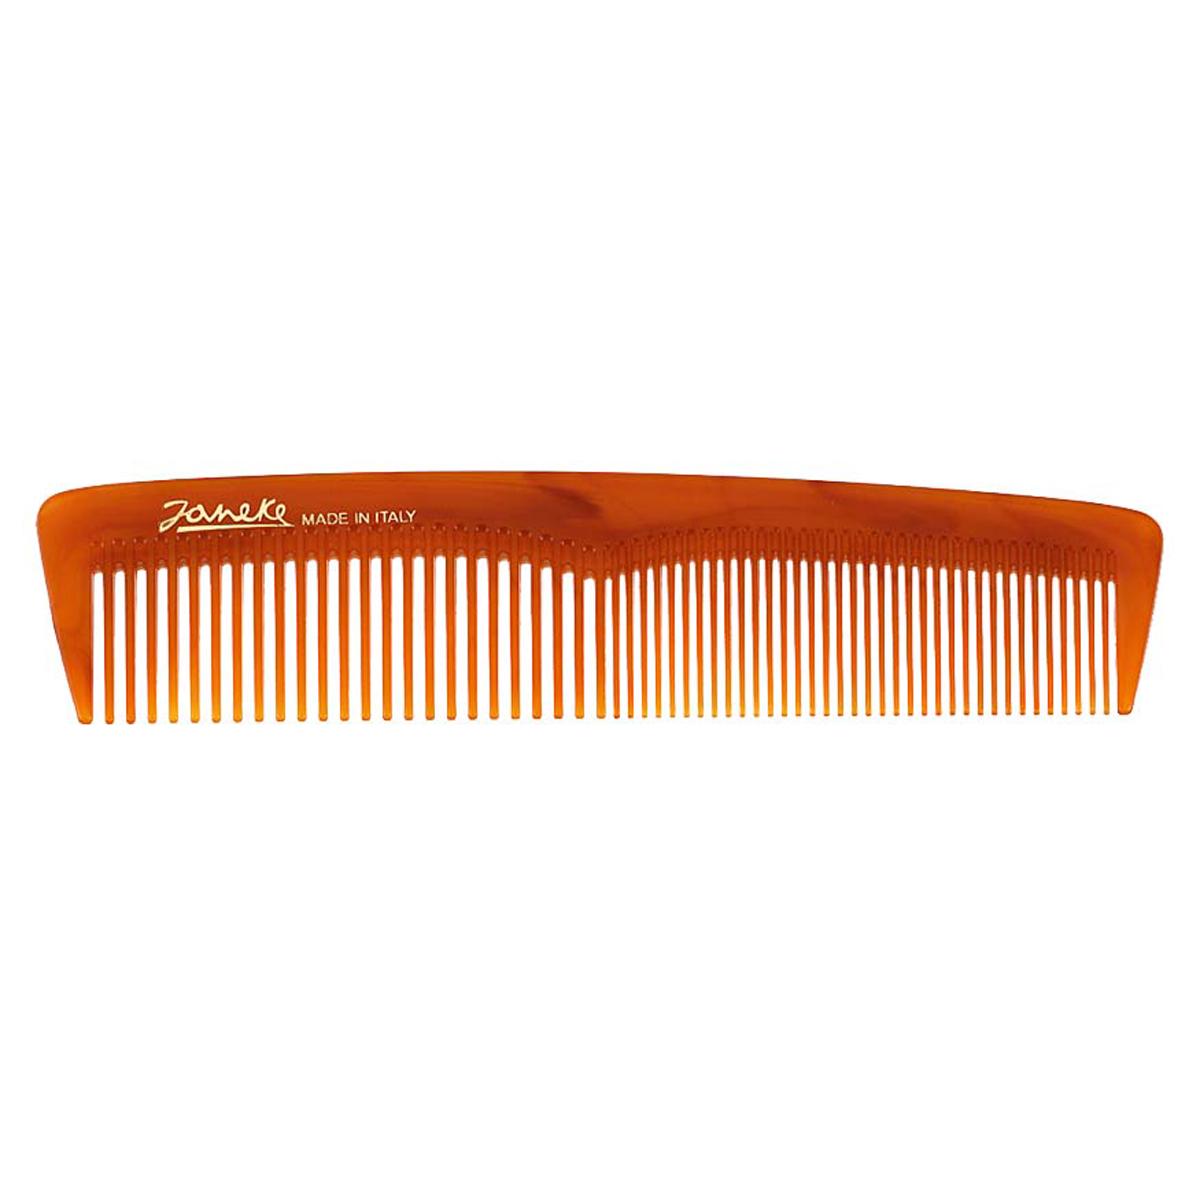 Janeke Расческа для волос в упаковке, 78813MP59.3DМарка Janeke – мировой лидер по производству расчесок, щеток, маникюрных принадлежностей, зеркал и косметичек. Марка Janeke, основанная в 1830 году, вот уже почти 180 лет поддерживает непревзойденное качество своей продукции, сочетая новейшие технологии с традициями ста- рых миланских мастеров. Все изделия на 80% производятся вручную, а инновационные технологии и современные материалы делают продукцию марки поистине уникальной. Стильный и эргономичный дизайн, яркие цветовые решения – все это приносит истин- ное удовольствие от использования аксессуаров Janeke. Пластиковая линия из высококачественного сырья, большое разнообразие моделей и цветов, кончик расчески специально закруглен, чтобы предотвратить разрыв волоса